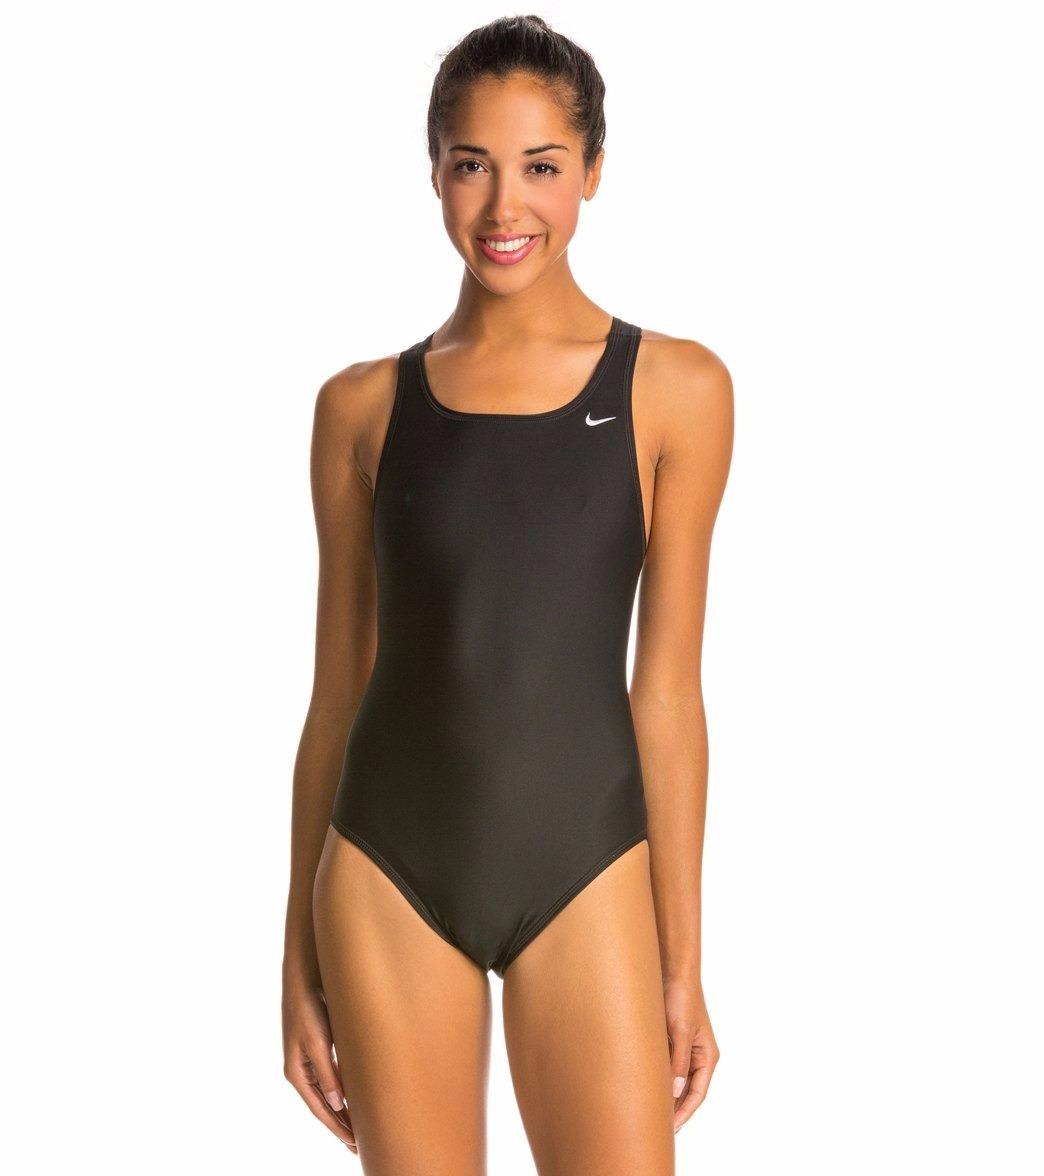 edb23e1f2 traje de baño nike fastback nuevos envio gratis talla 30. Cargando zoom.